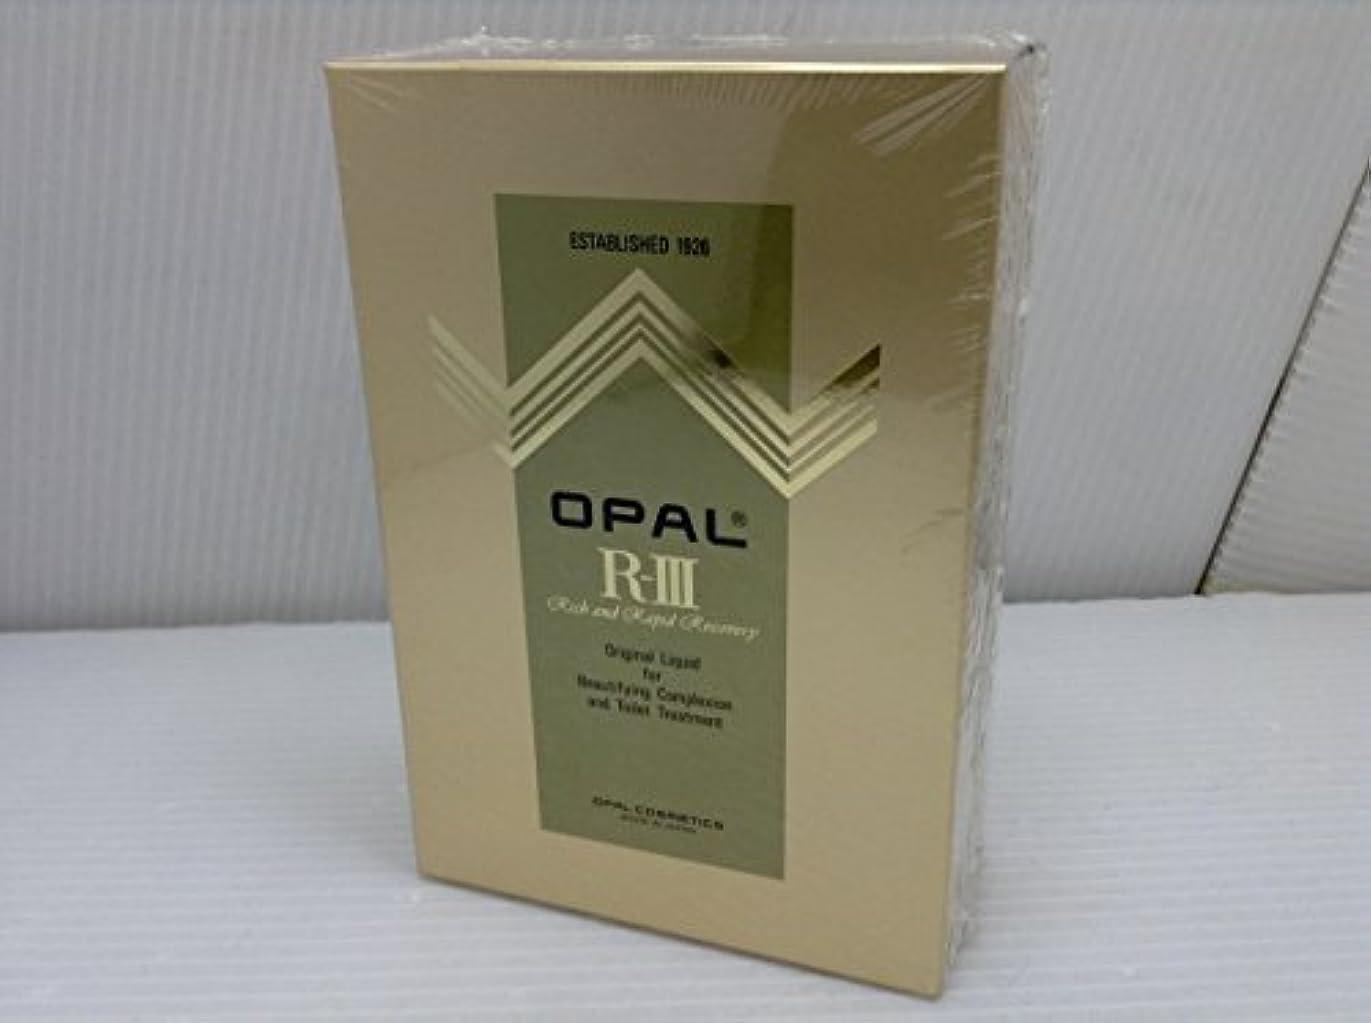 受け入れたボンド欠陥オパール化粧品 美容原液 薬用オパール R-III (250ml)